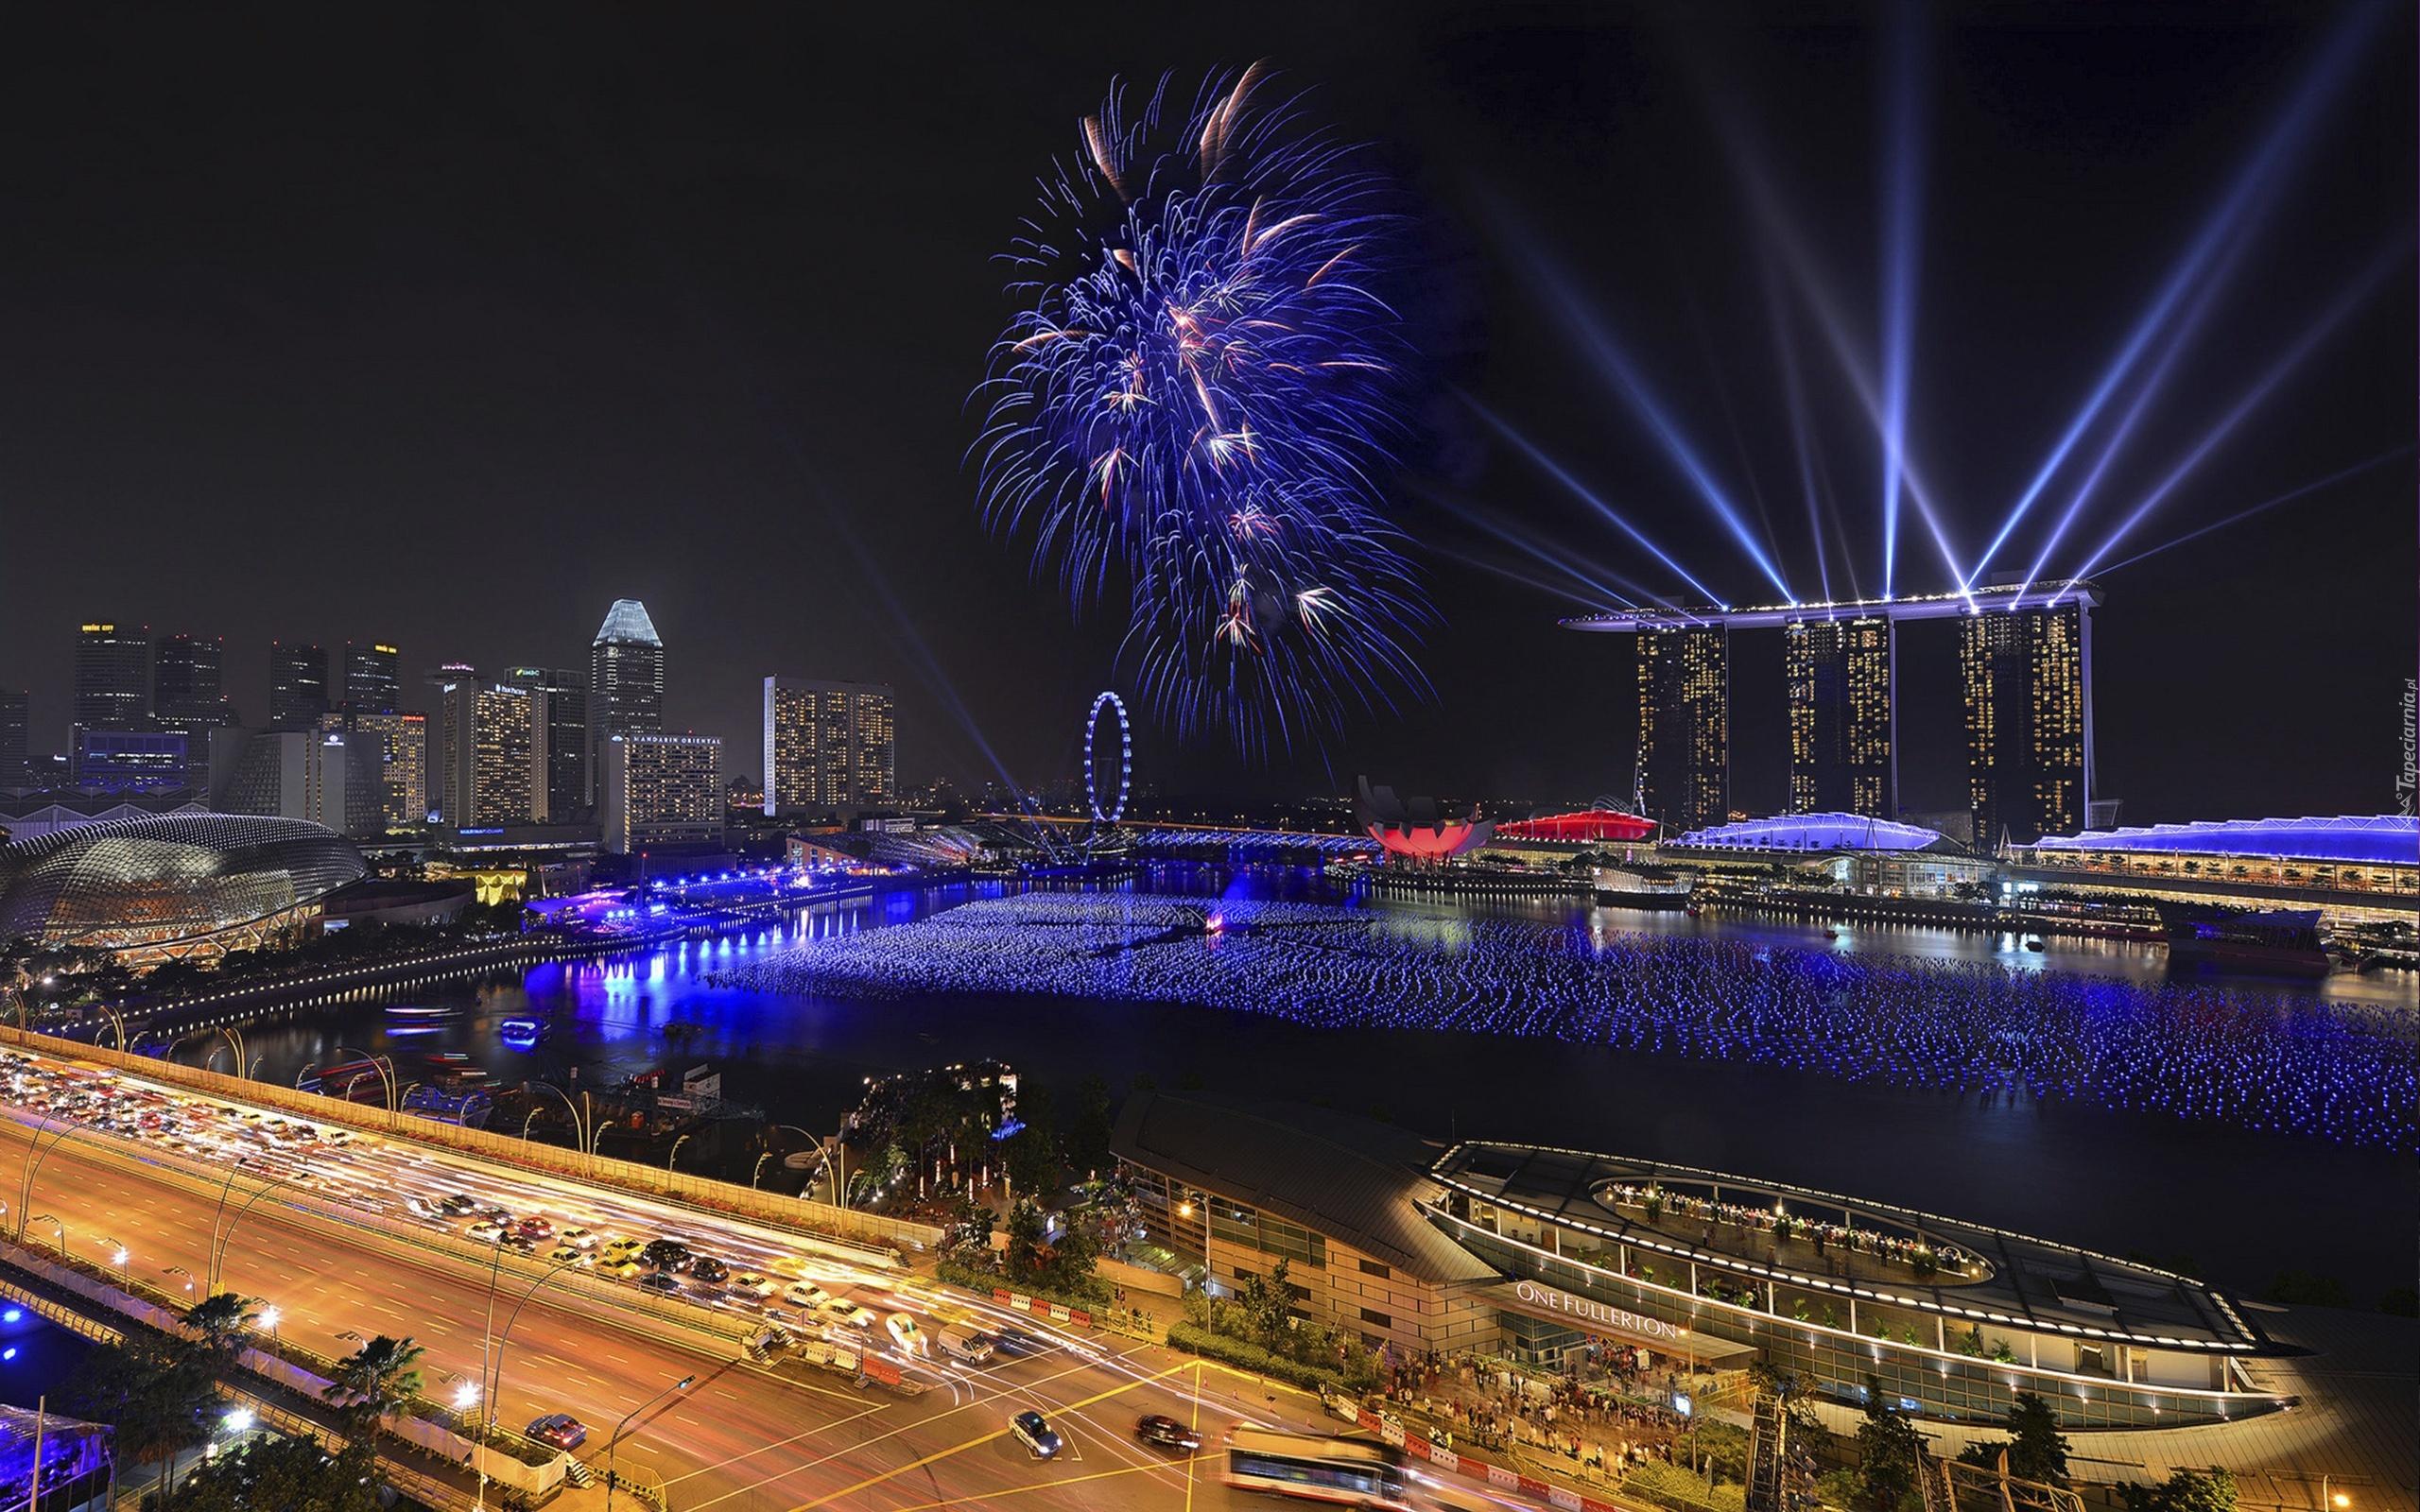 страны архитектура ночь Сингапур country architecture night Singapore скачать